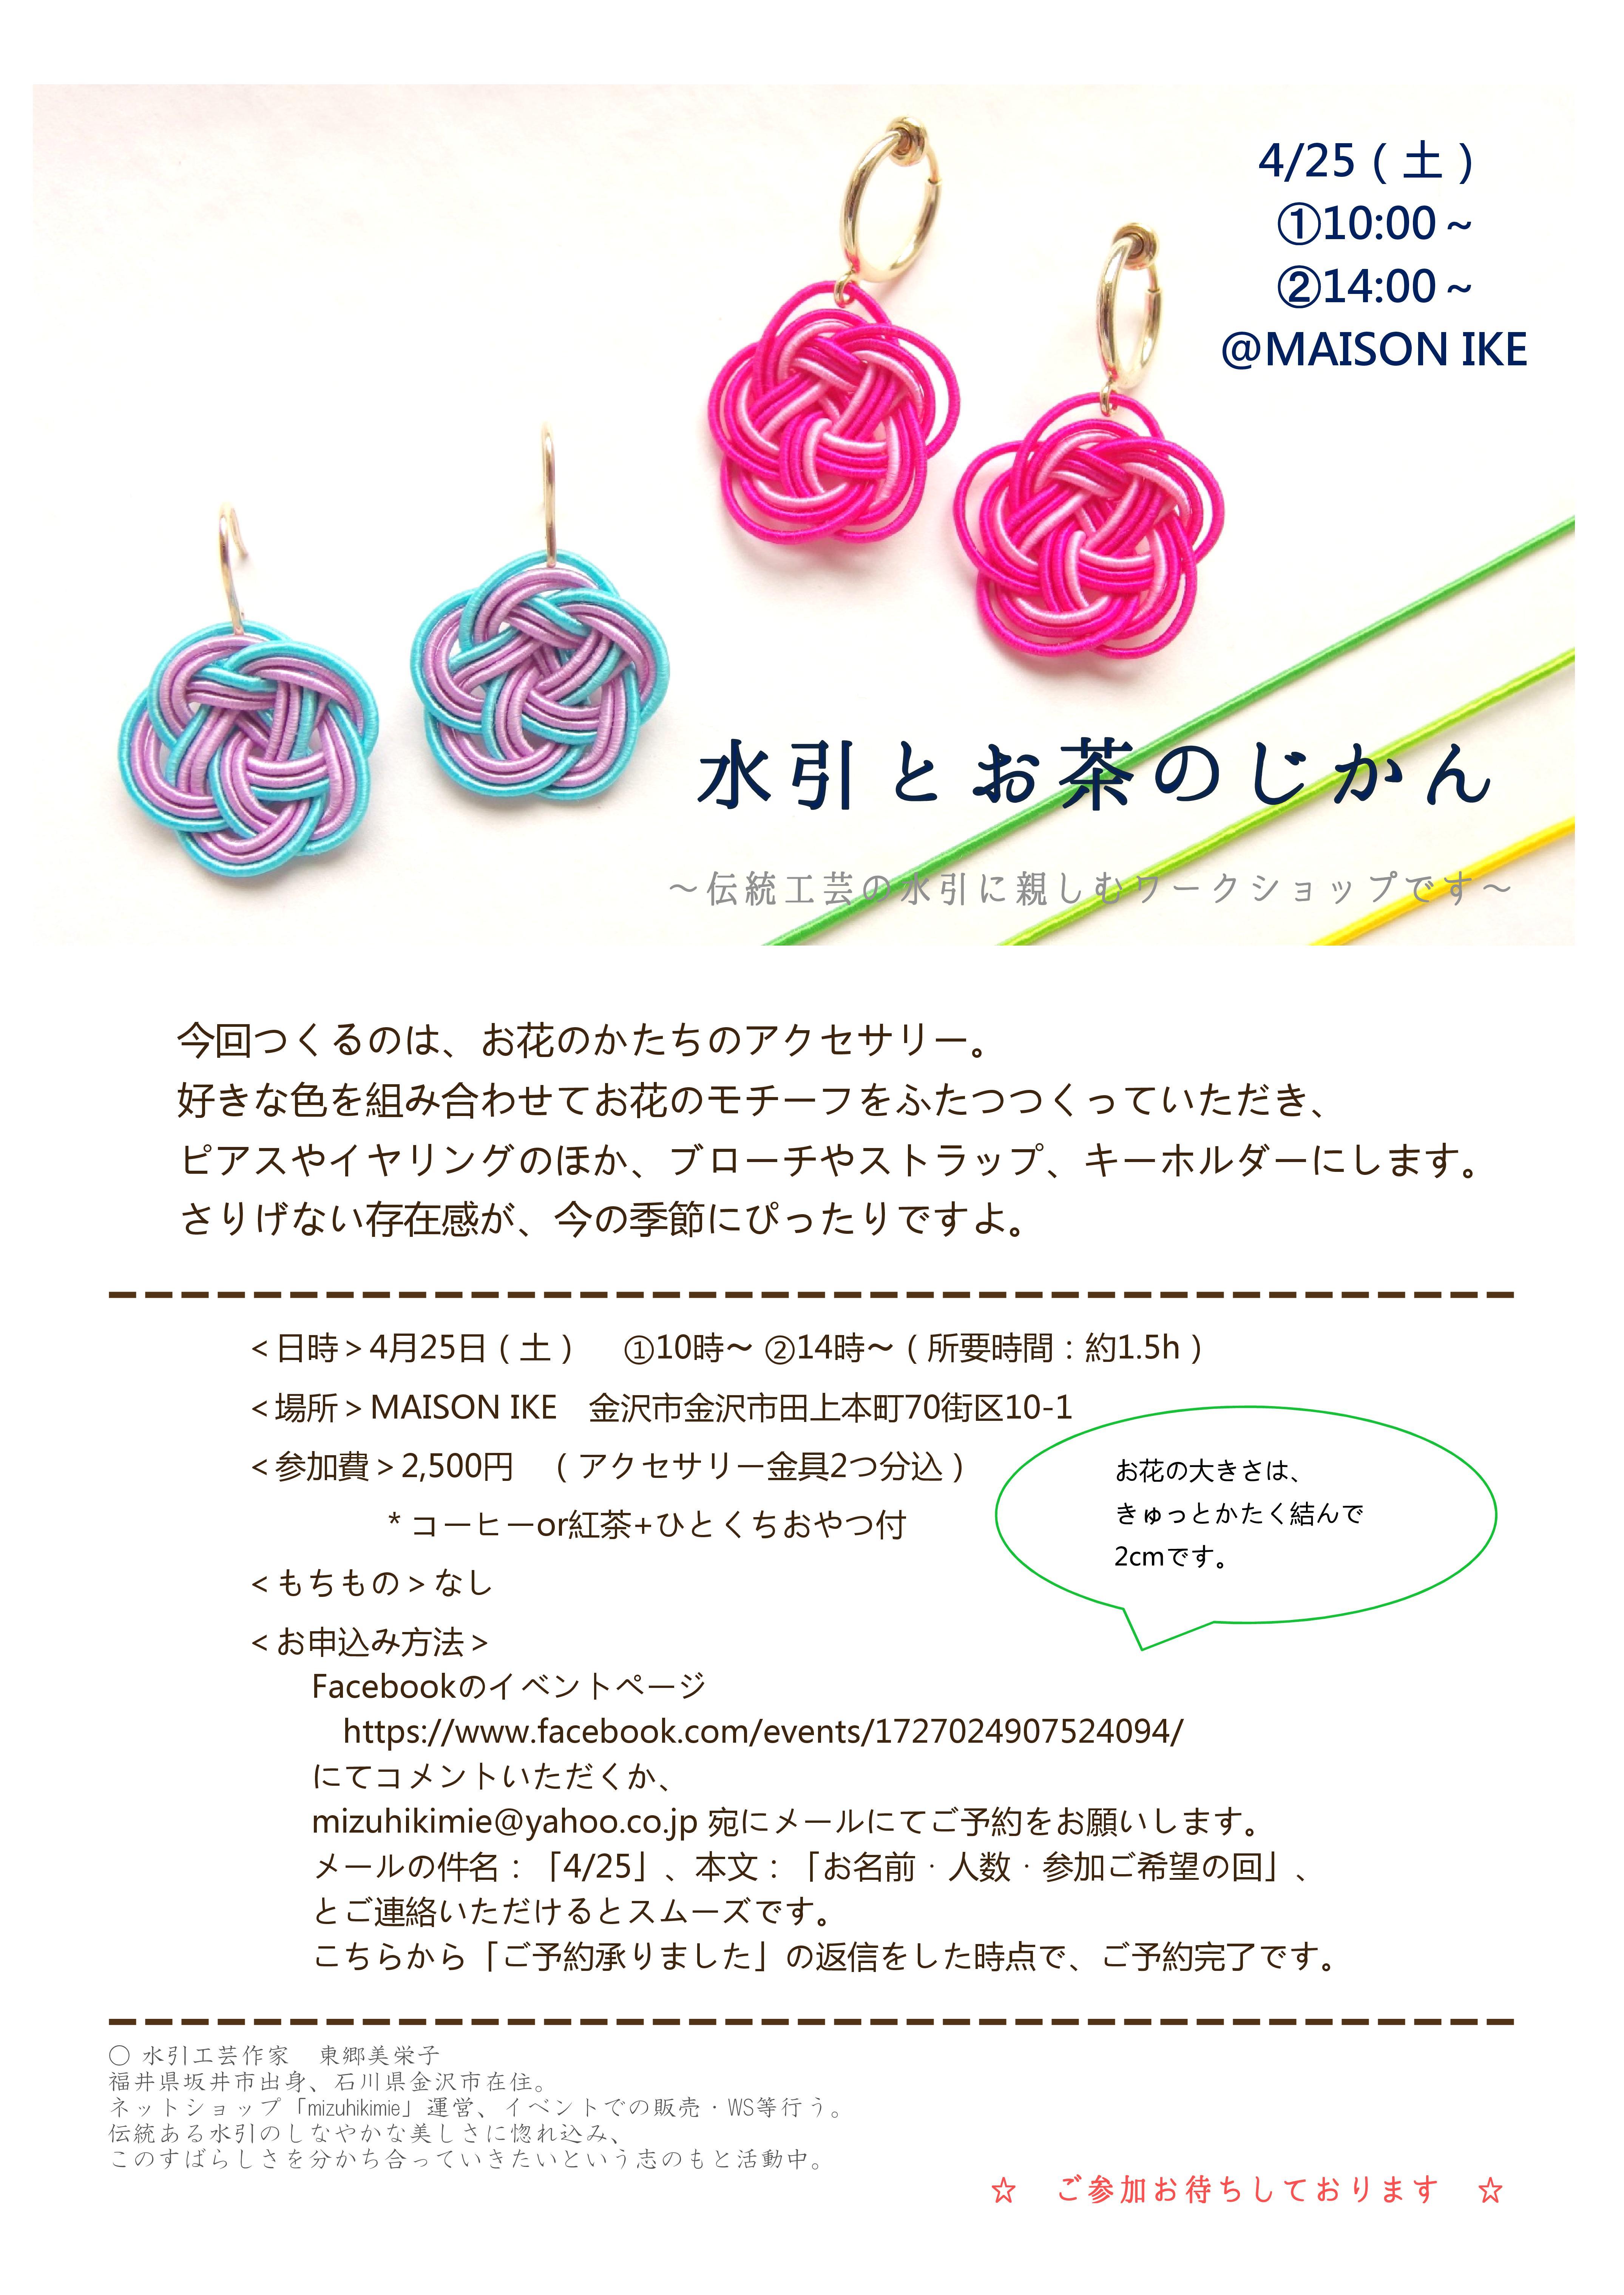 ●水引ワークショップin金沢(4/25)のおしらせ